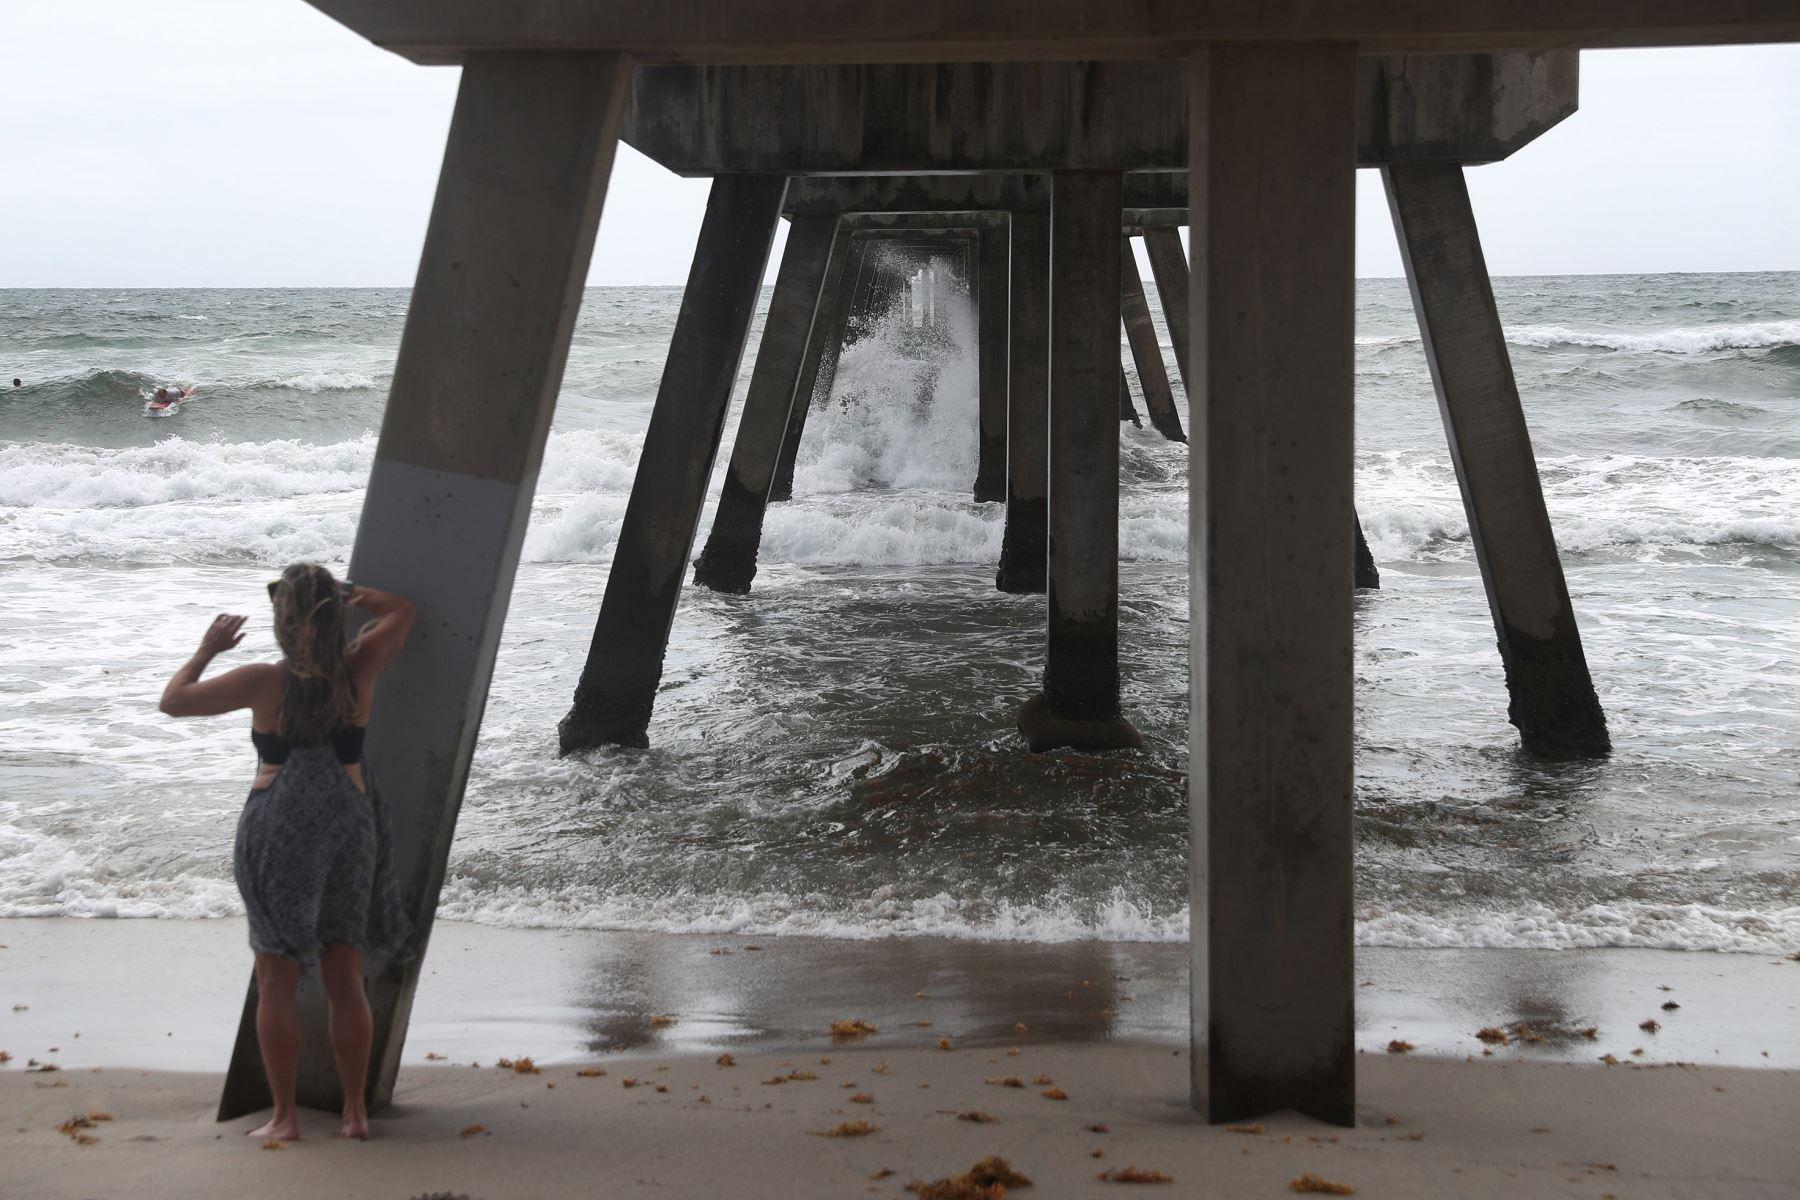 Una mujer filma a los surfistas que practican este deporte por crecida de las olas, en Deerfield Beach, Florida. Foto: AFP